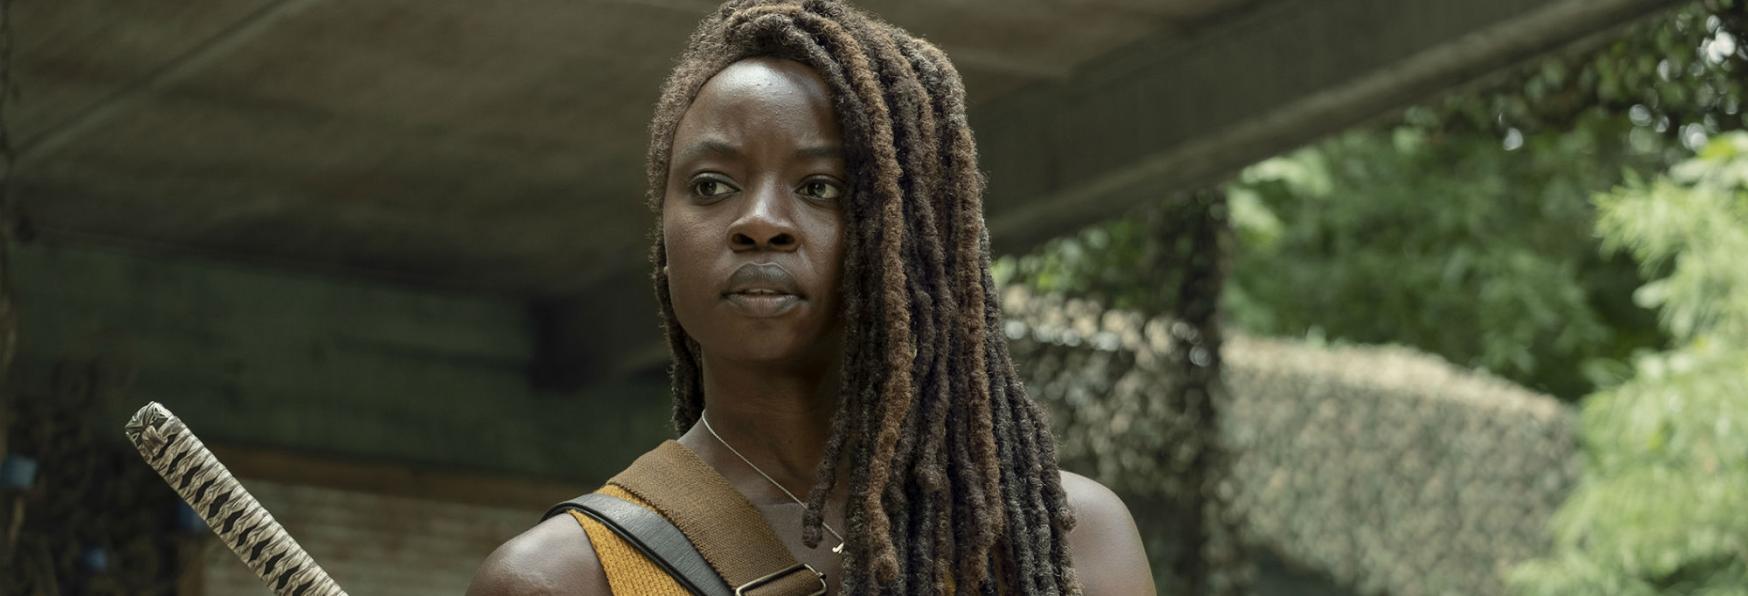 The Walking Dead 10x13: una Scena dell'Ultimo Episodio ha Sorpreso i Fan della Serie TV